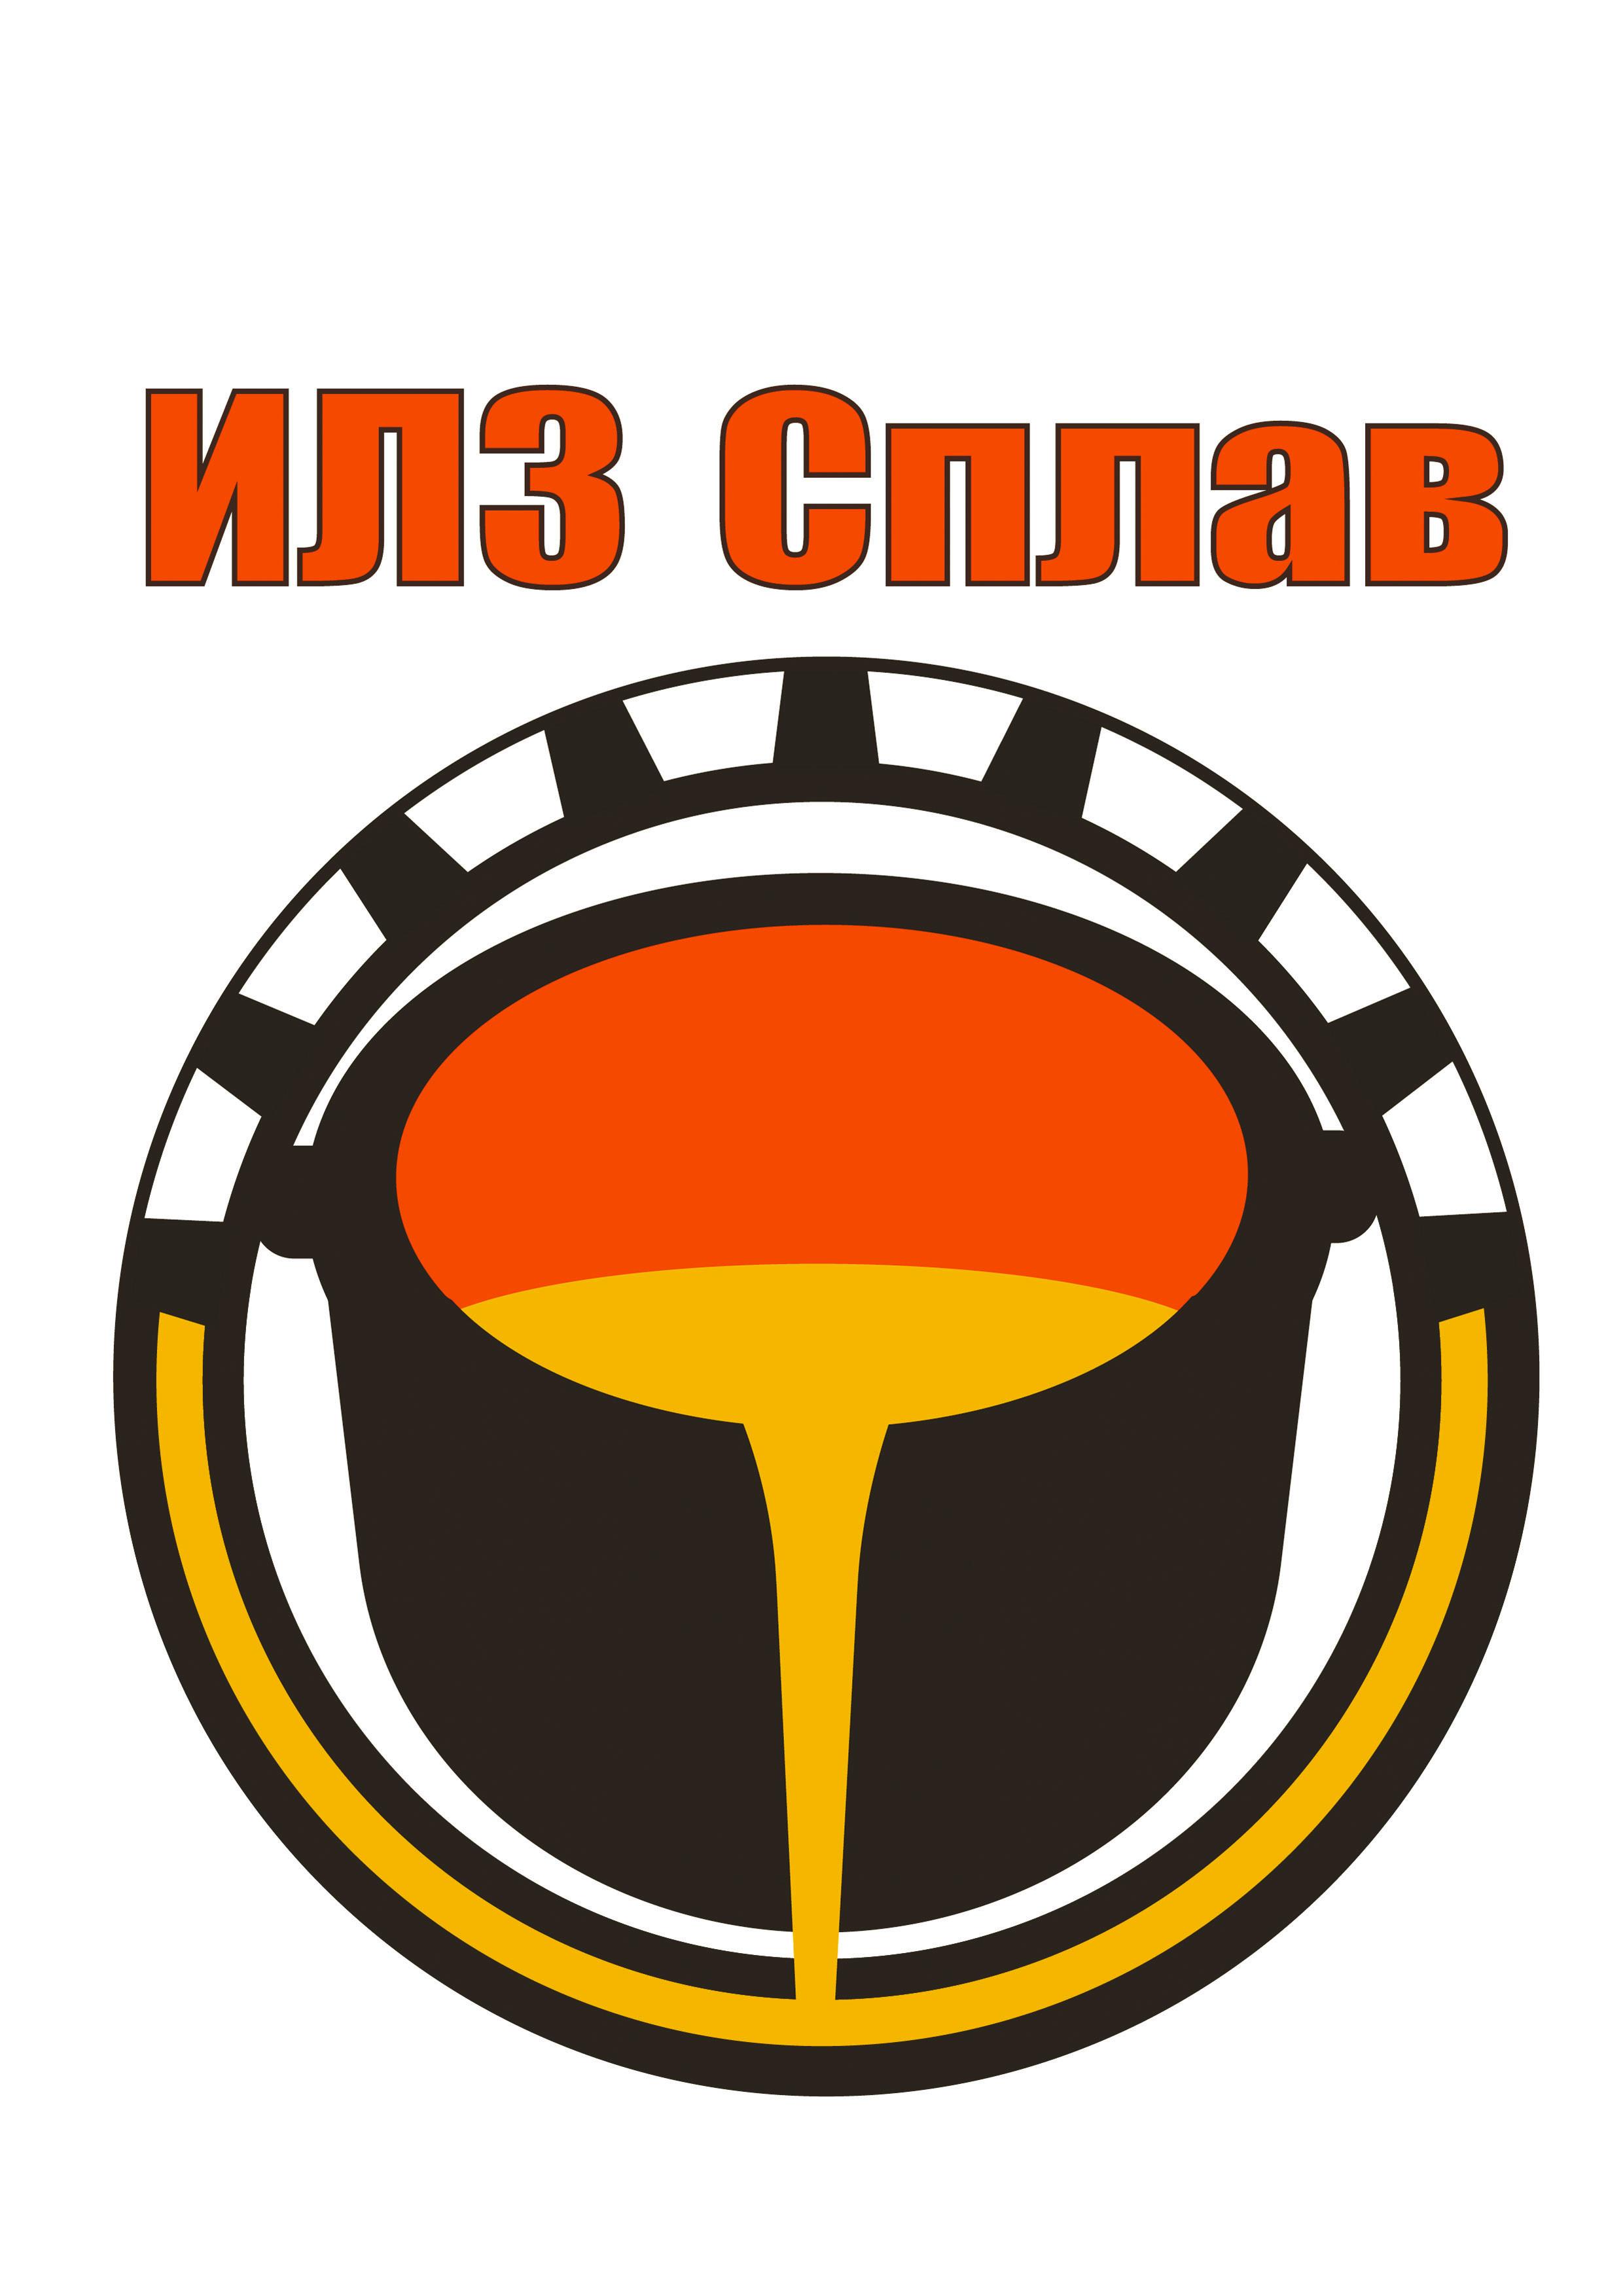 Разработать логотип для литейного завода фото f_7495b1598351dbb0.jpg